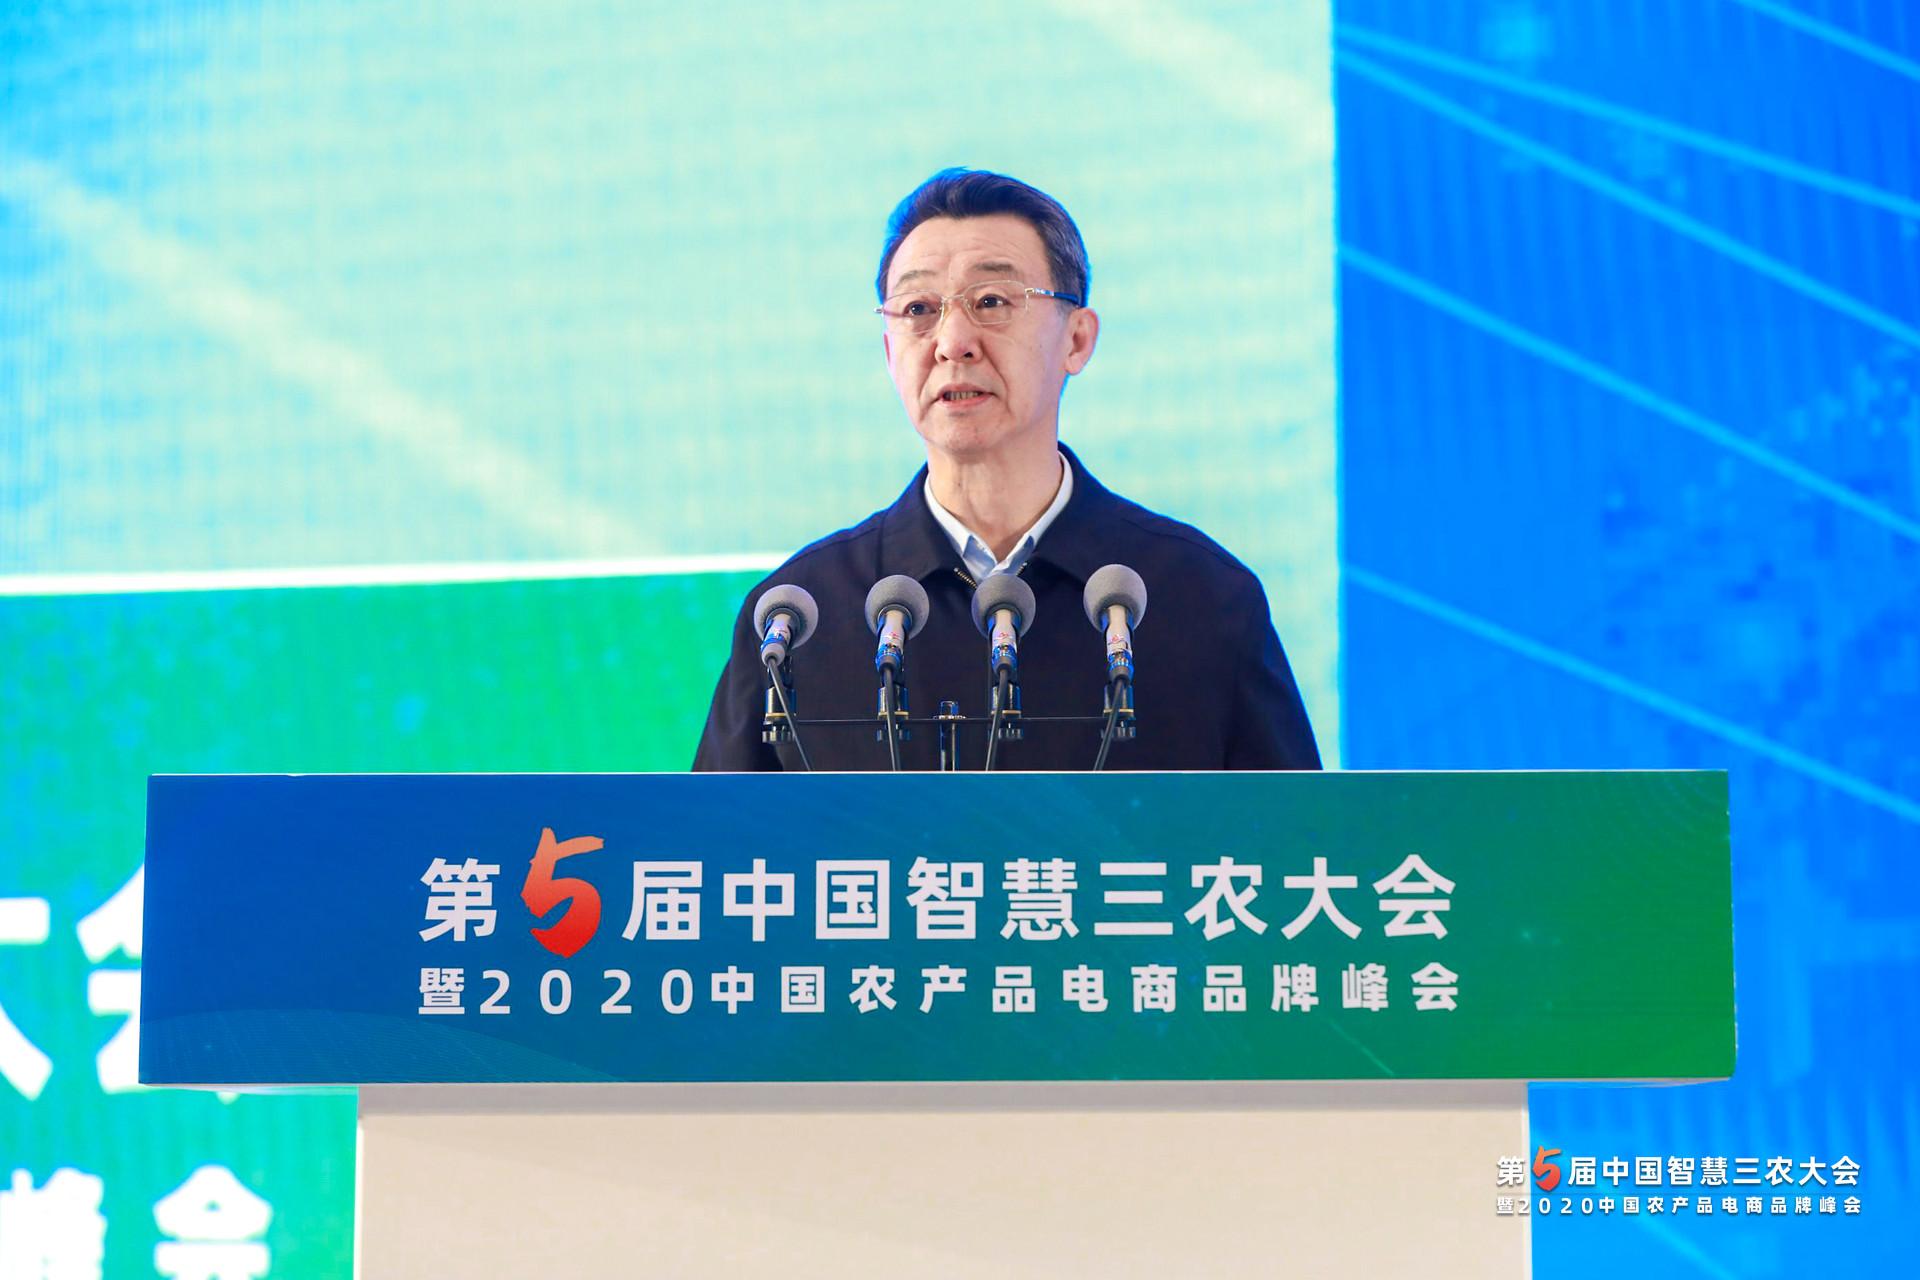 全國政協委員于培順:2021是實施鄉村振興戰略的開局年